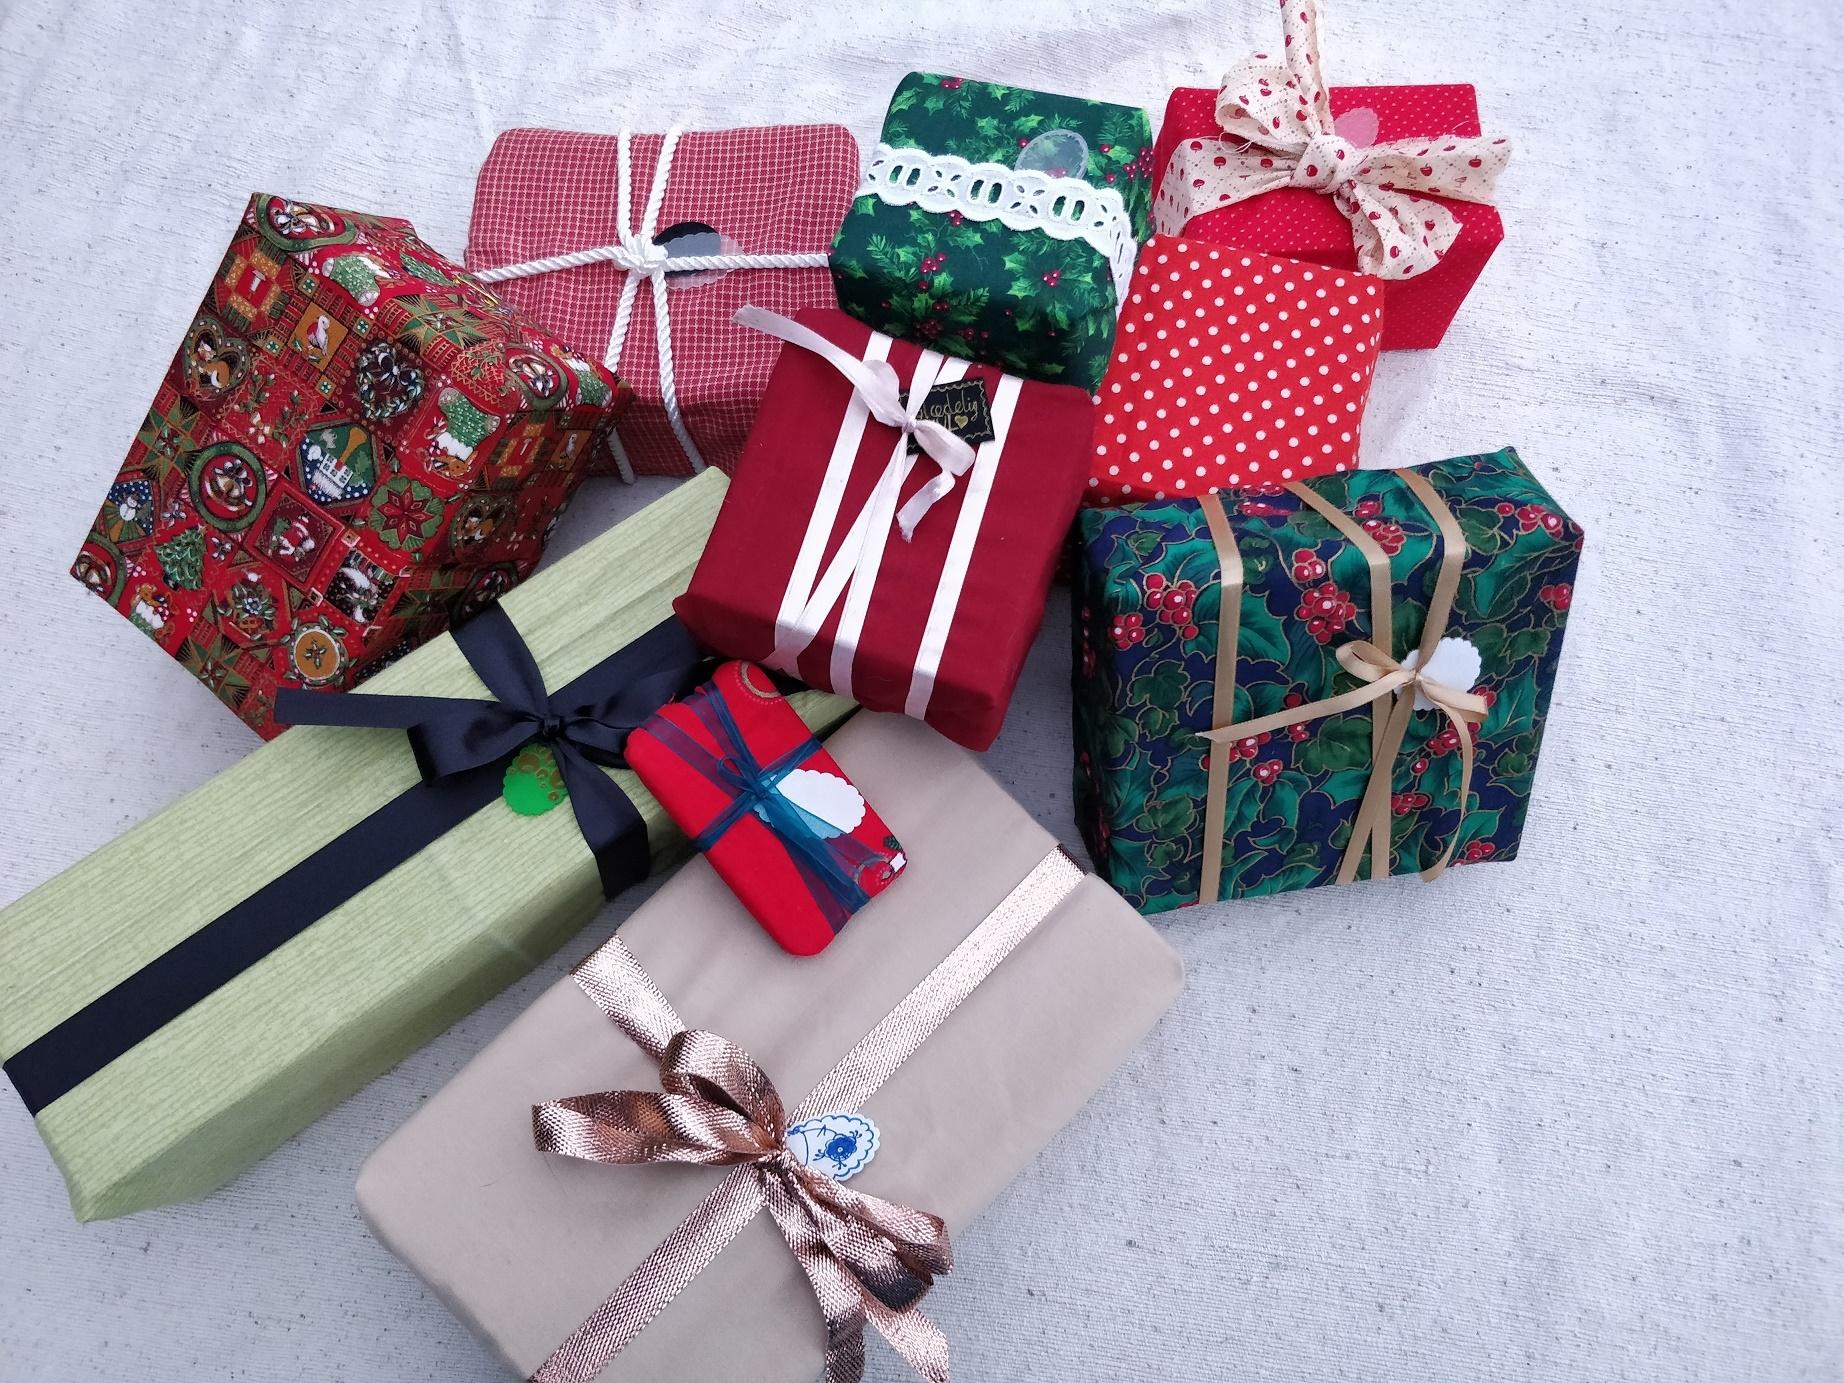 Julegaver pakket trygt og godt ind i stof og med gavemærker der kan genbruges